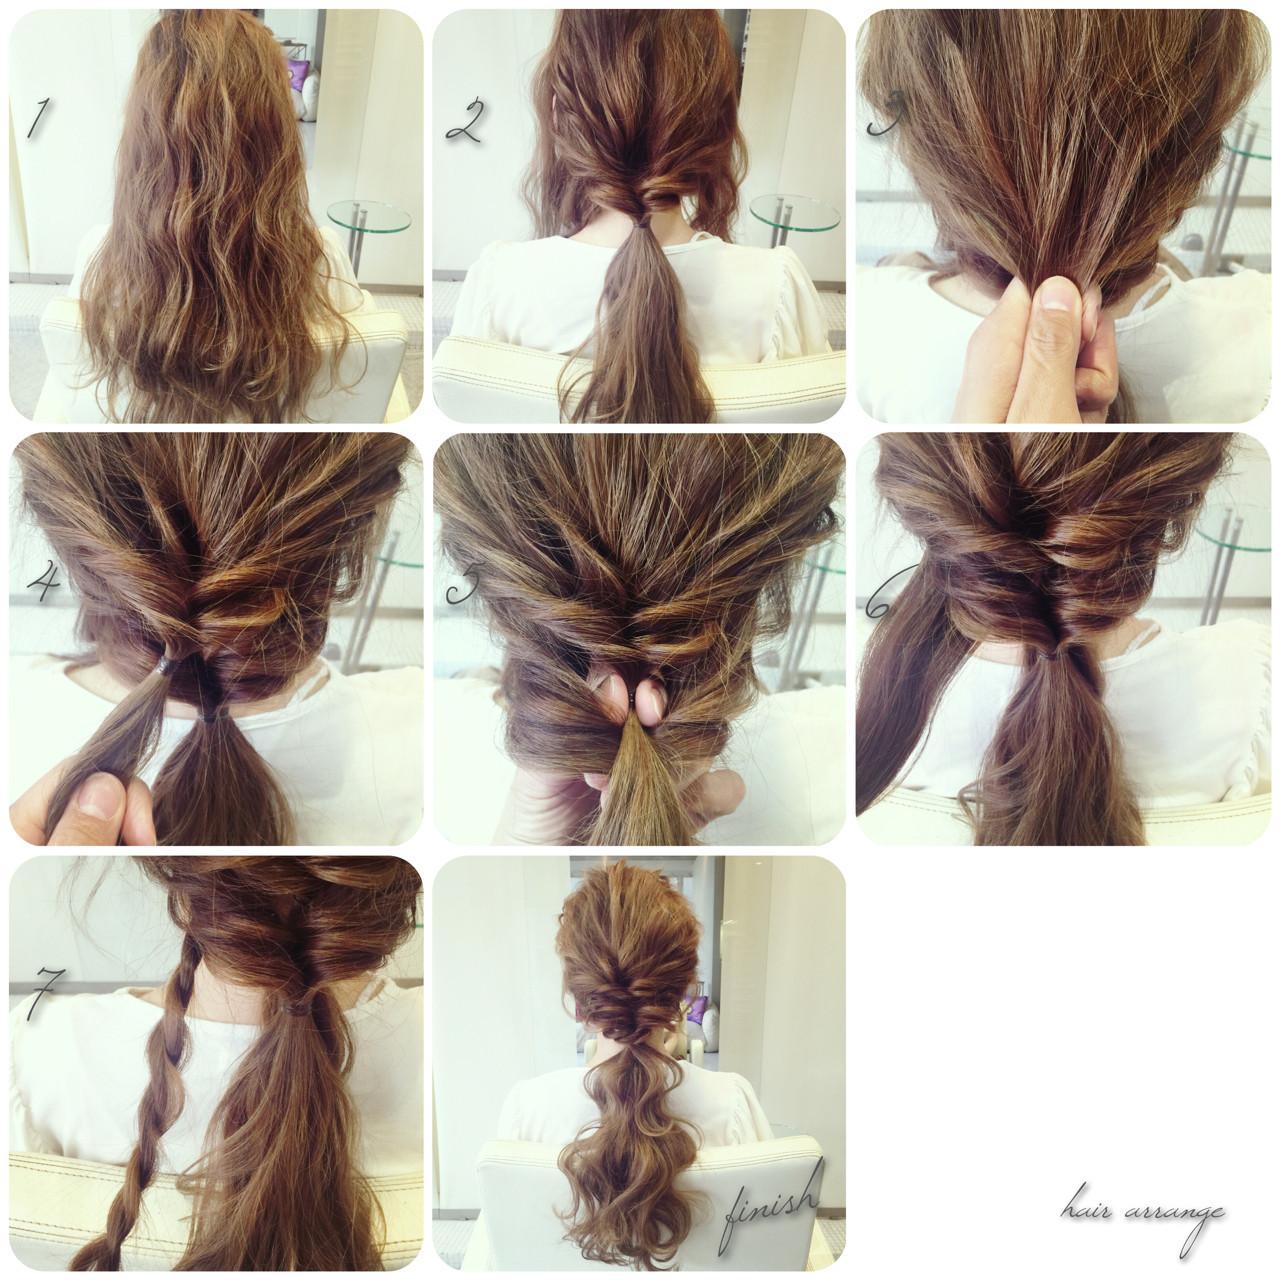 ヘアアクセ 大人かわいい ヘアアレンジ ロング ヘアスタイルや髪型の写真・画像